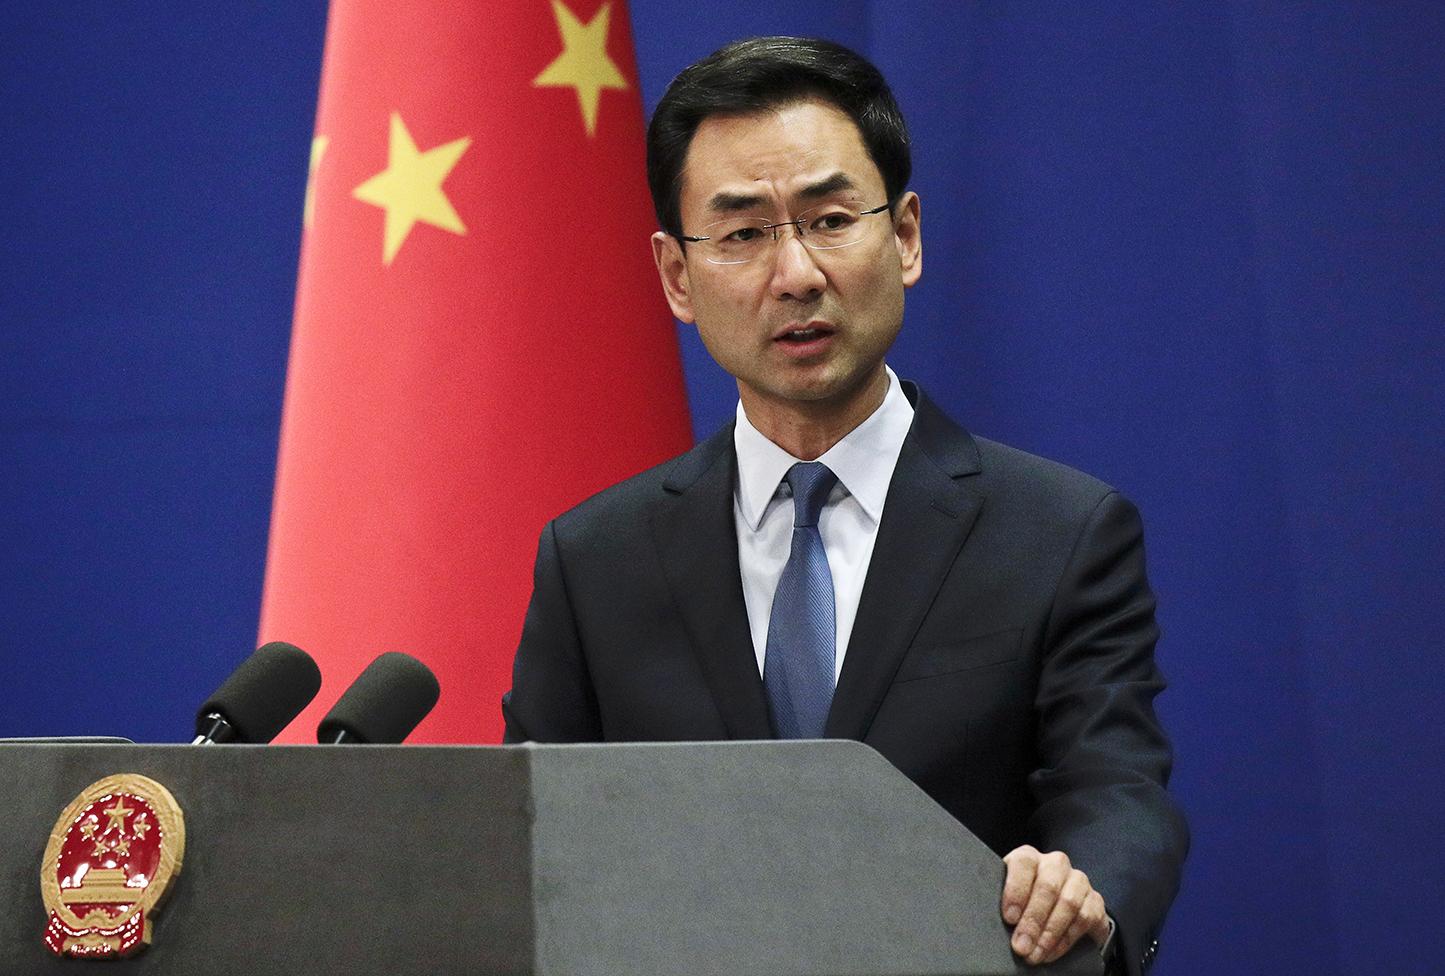 中国外交部发言人耿爽表示中国邀请联合国反恐事务副秘书长沃伦科夫访问新疆。(美联社)